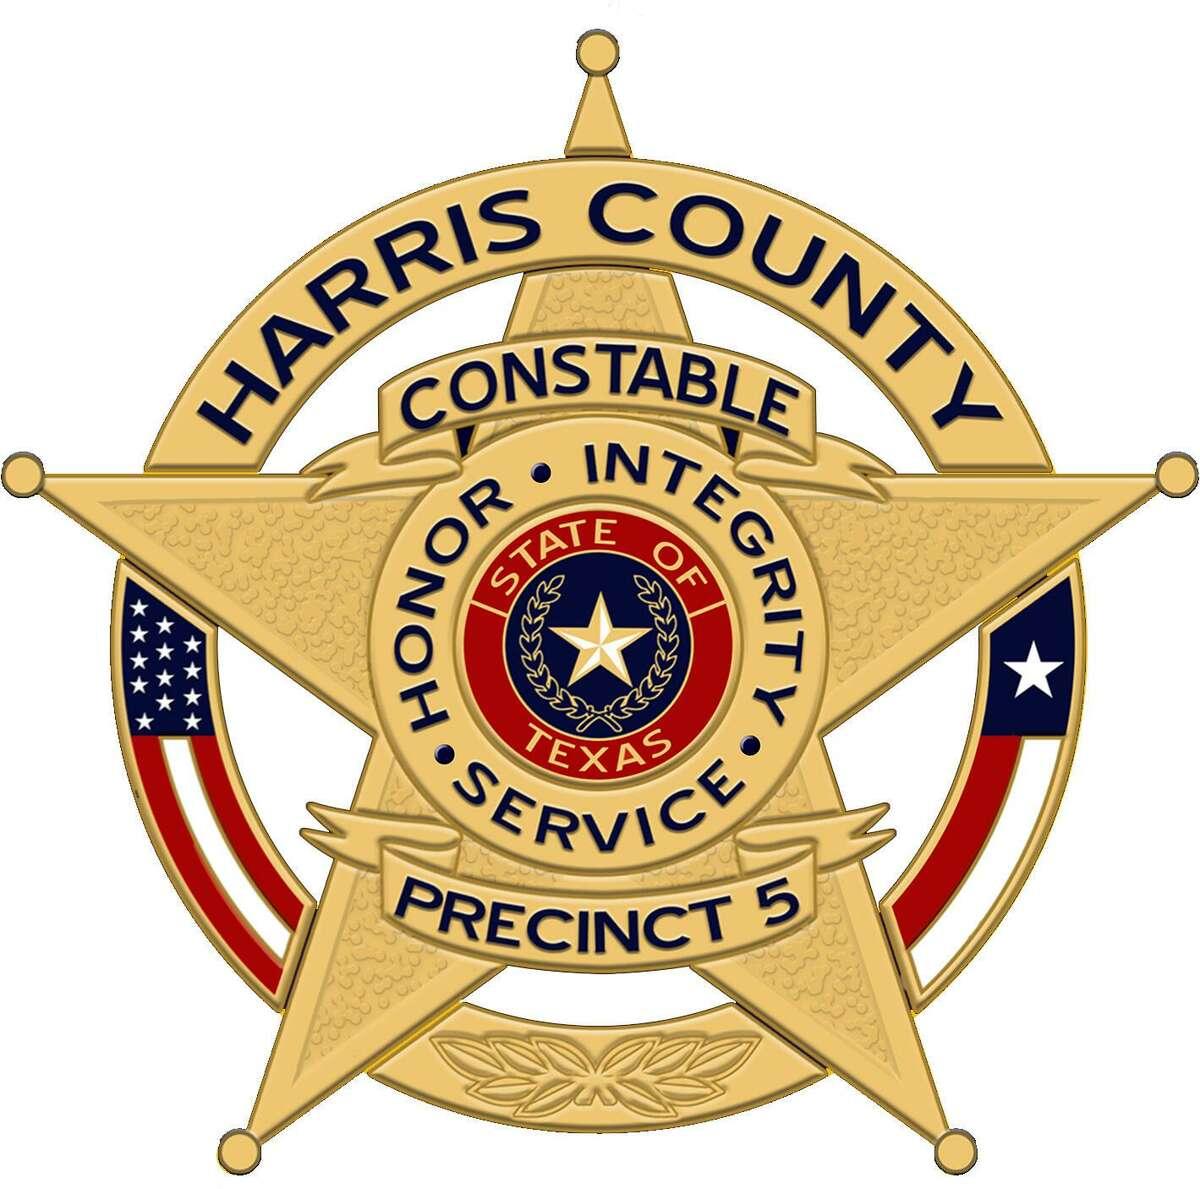 Harris County Precinct 5 Constable